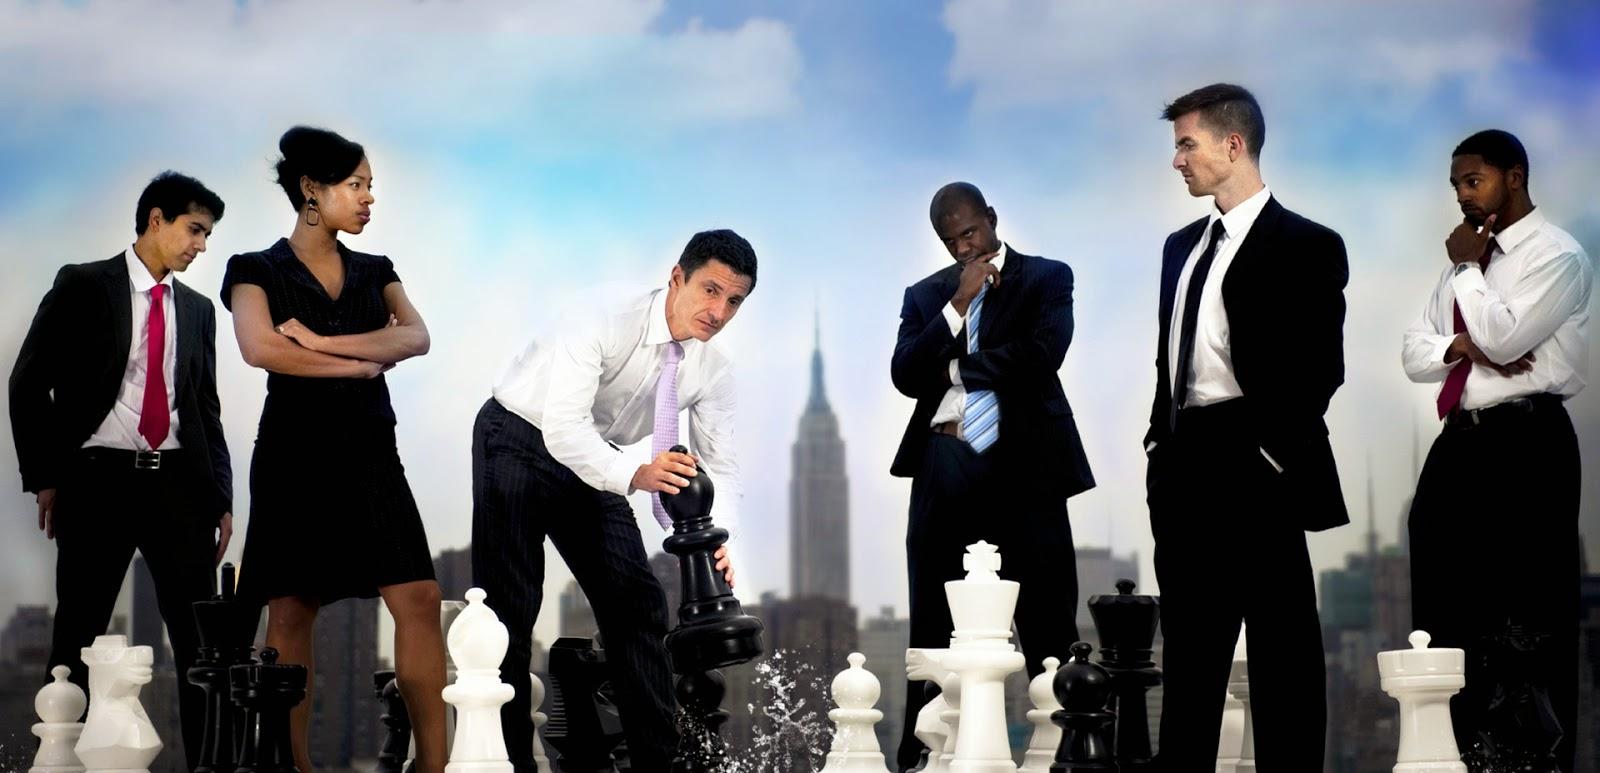 memenangkan persaingan dalam bisnis, menghadapi kompetitor bisnis